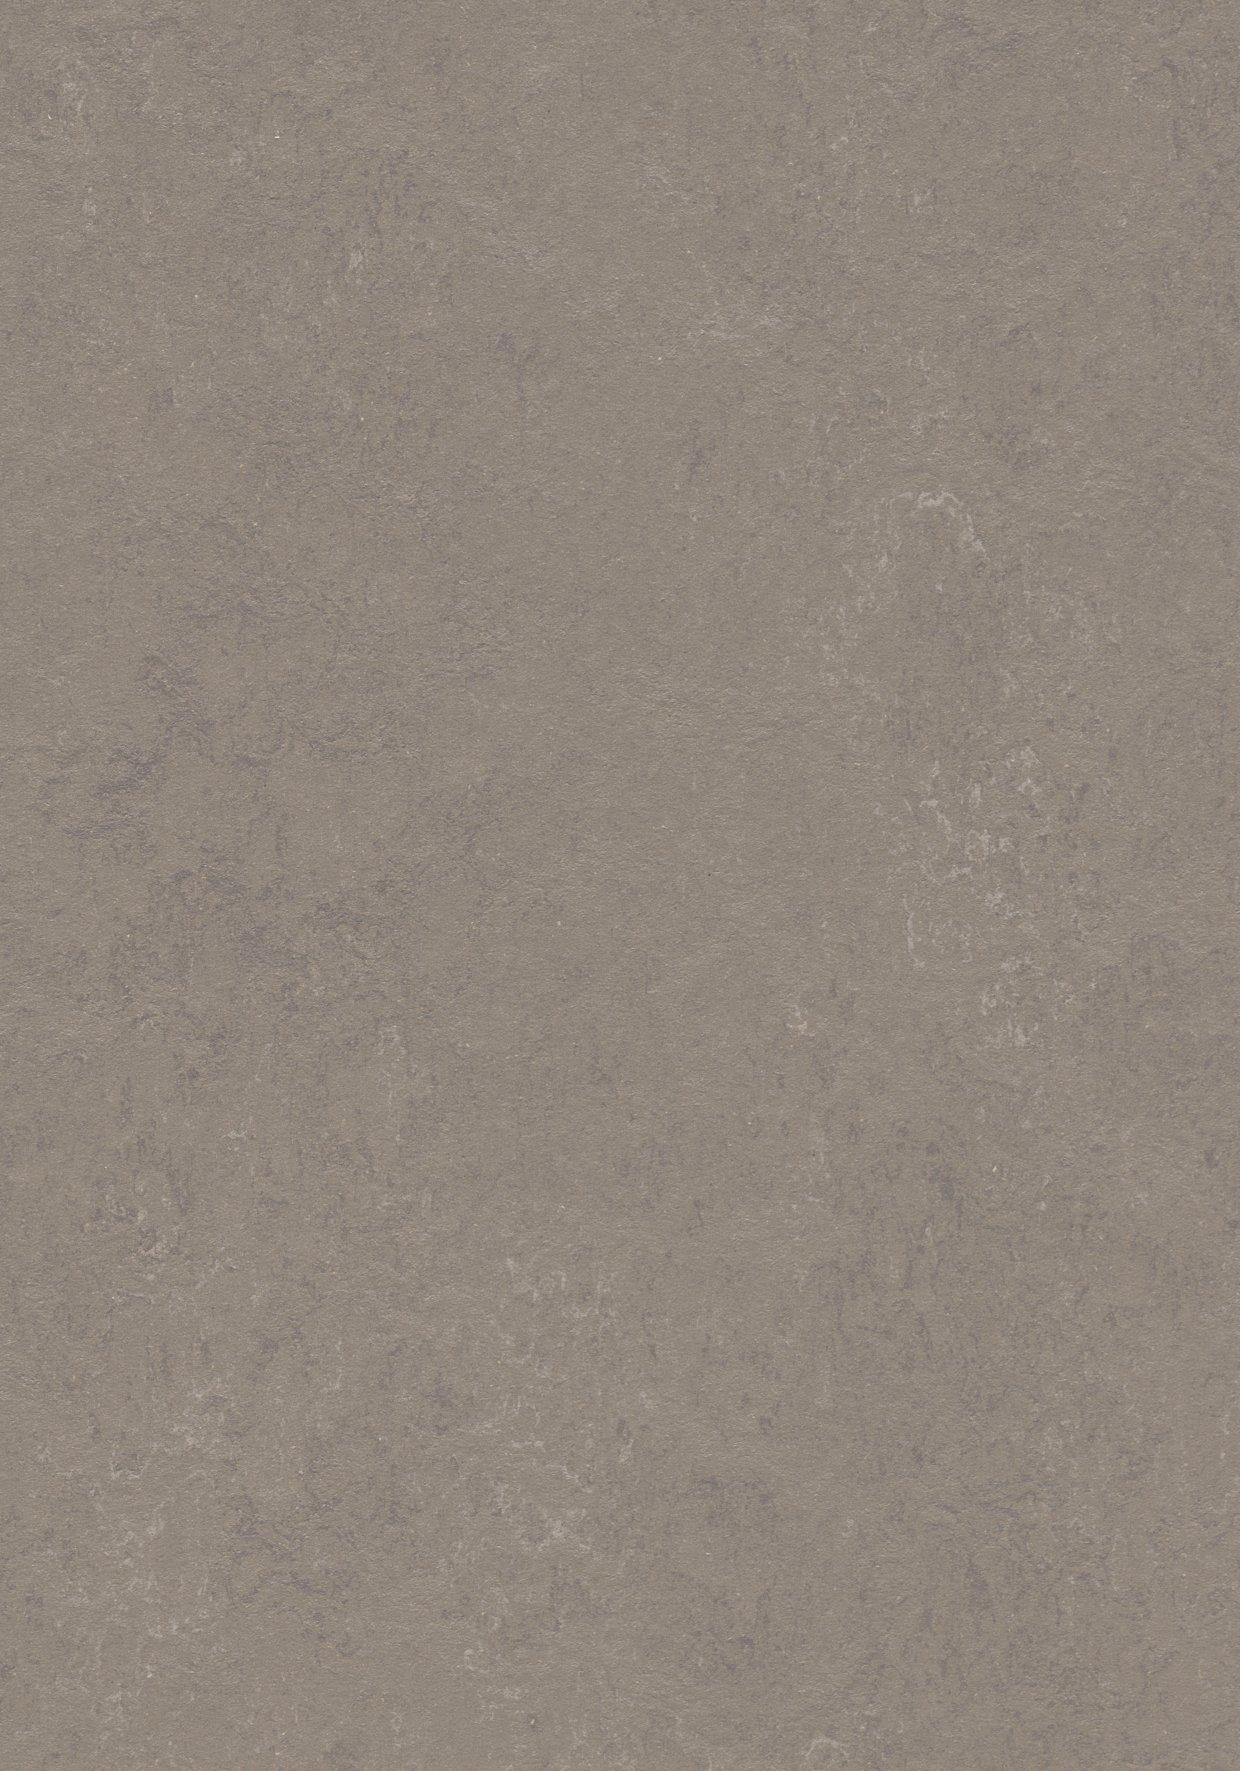 633702 Marmoleum Click Liquid Clay